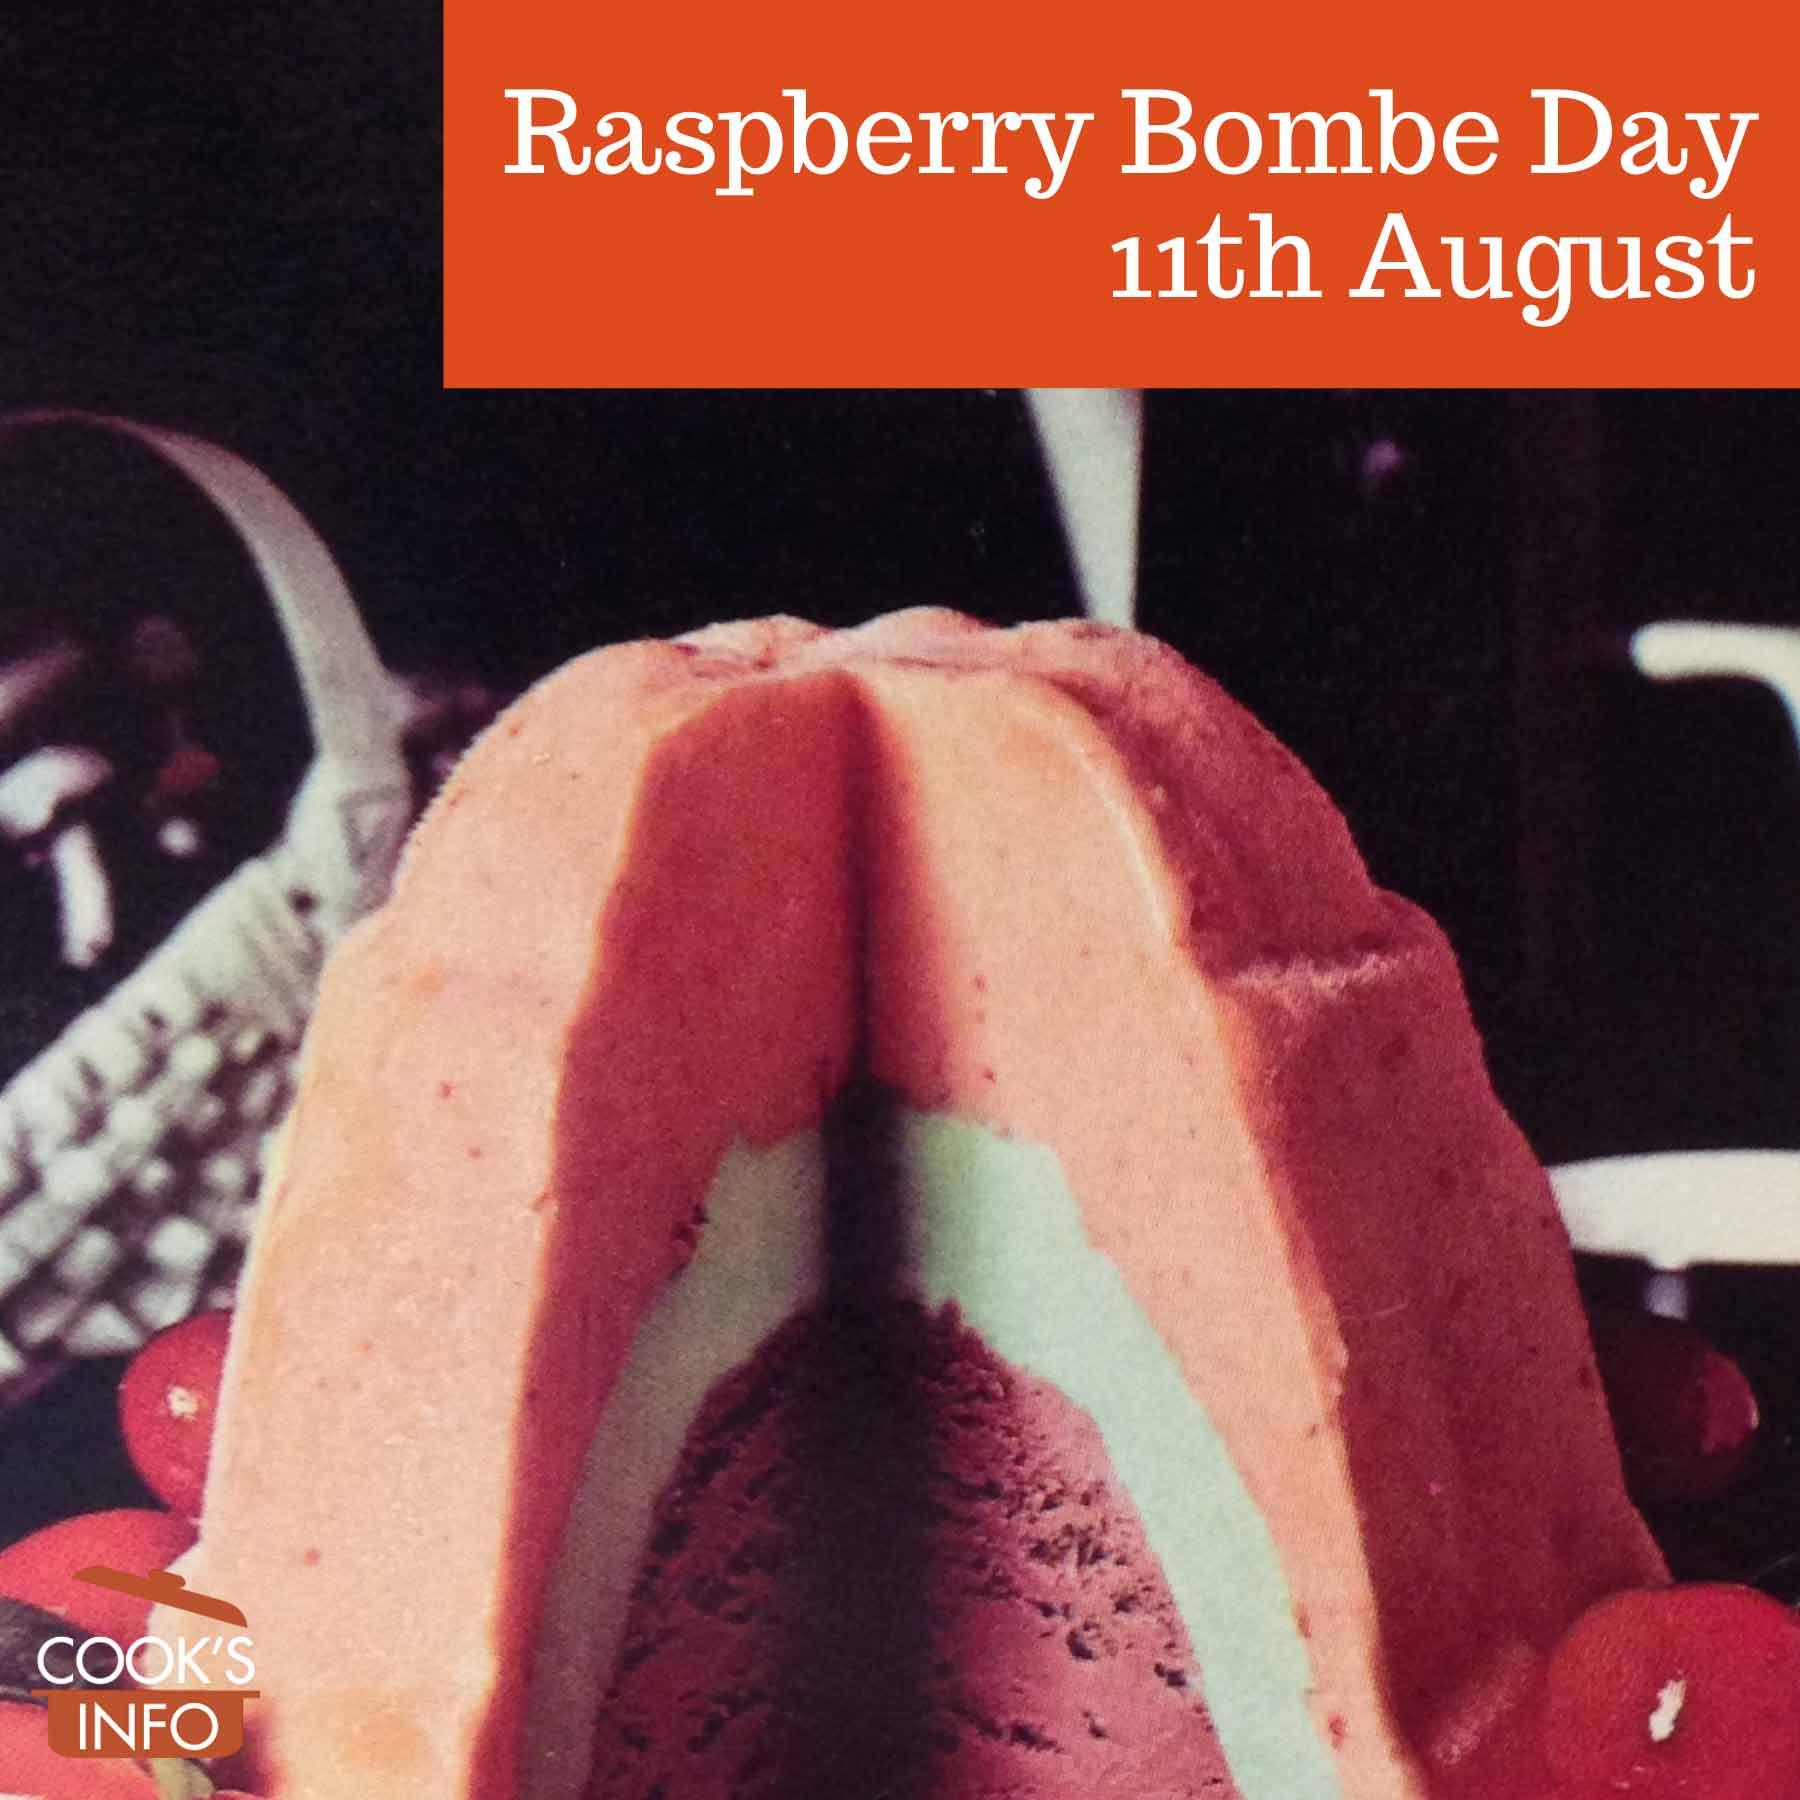 Raspberry bombe